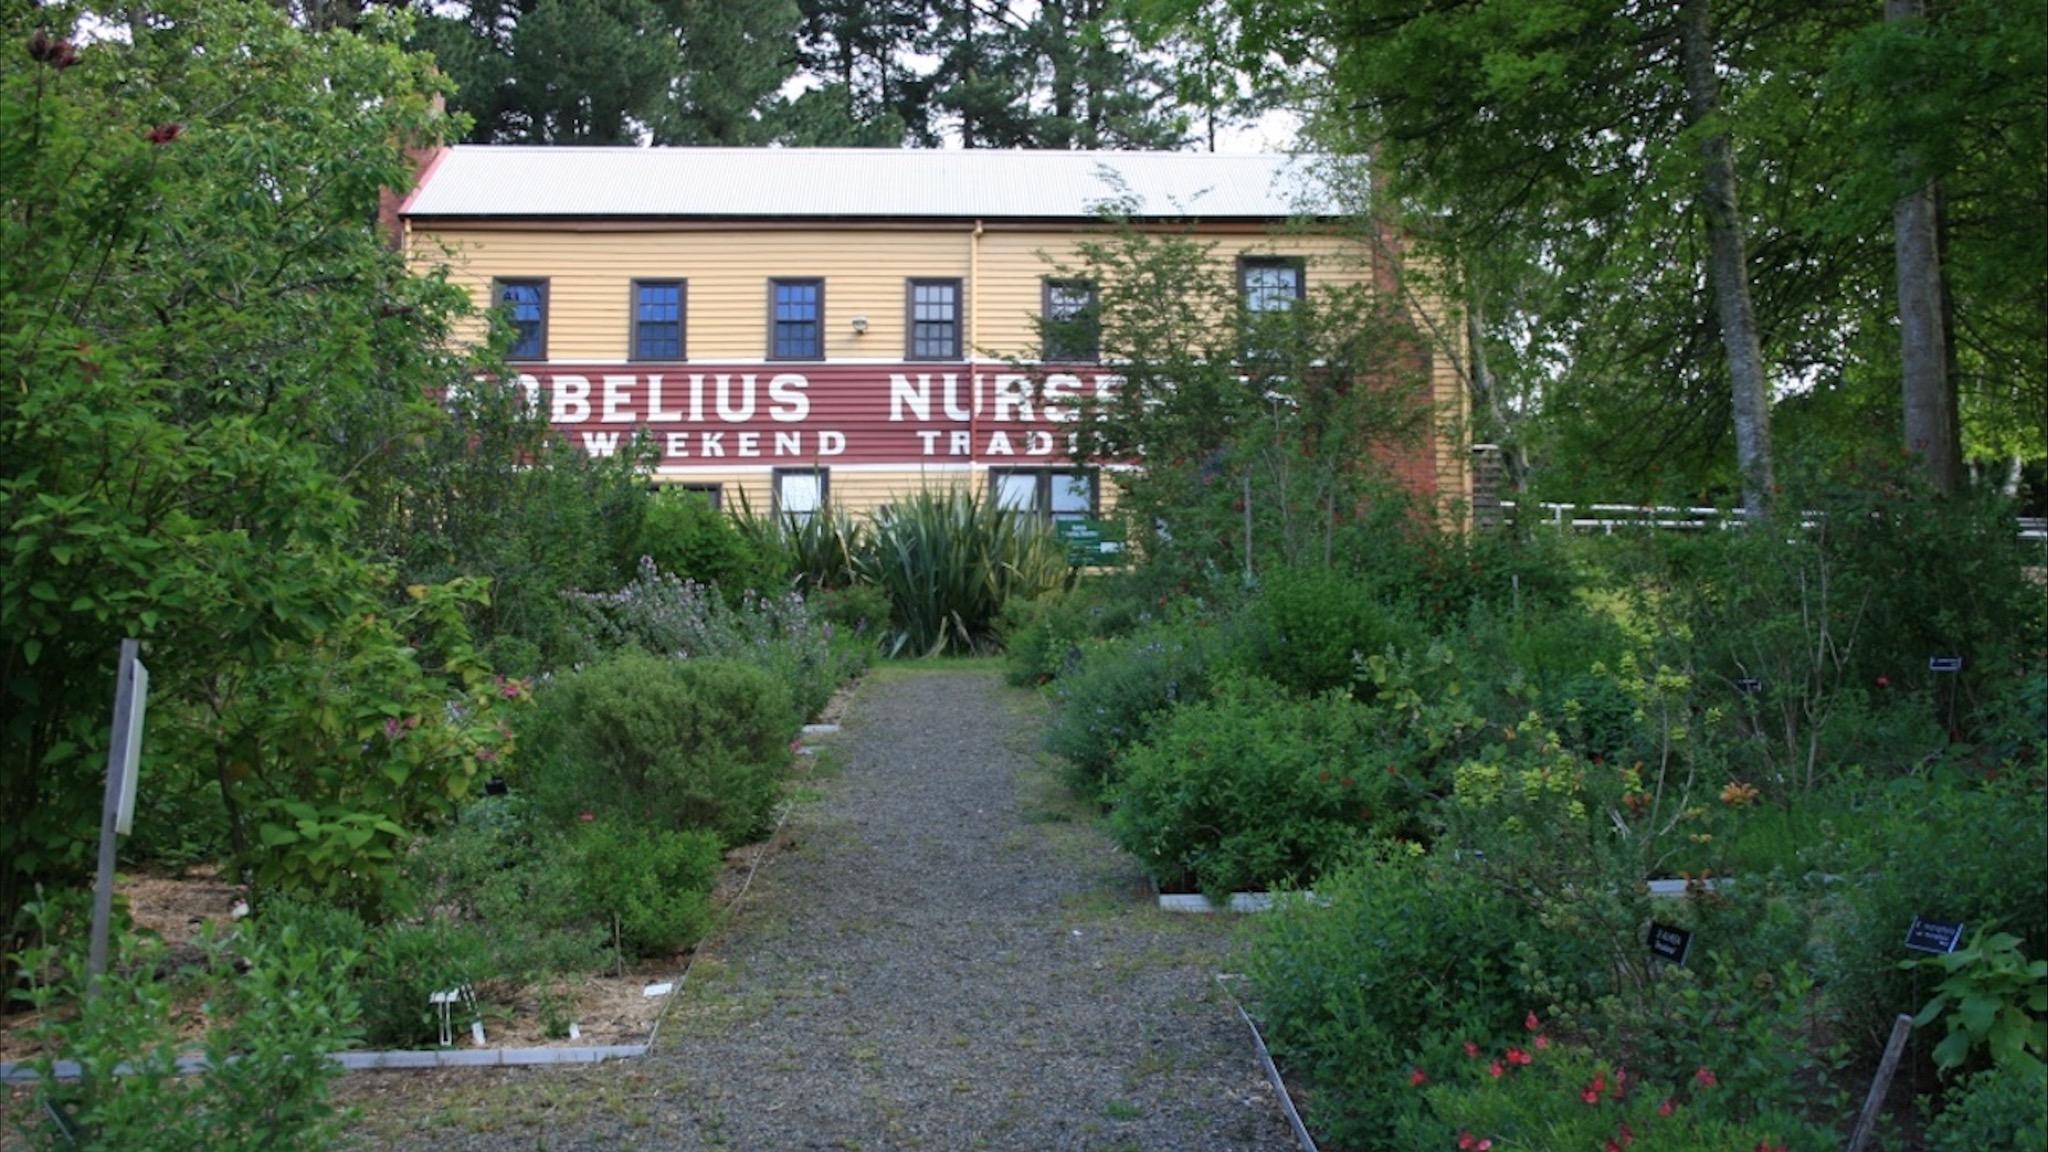 Nobelius Heritage Park